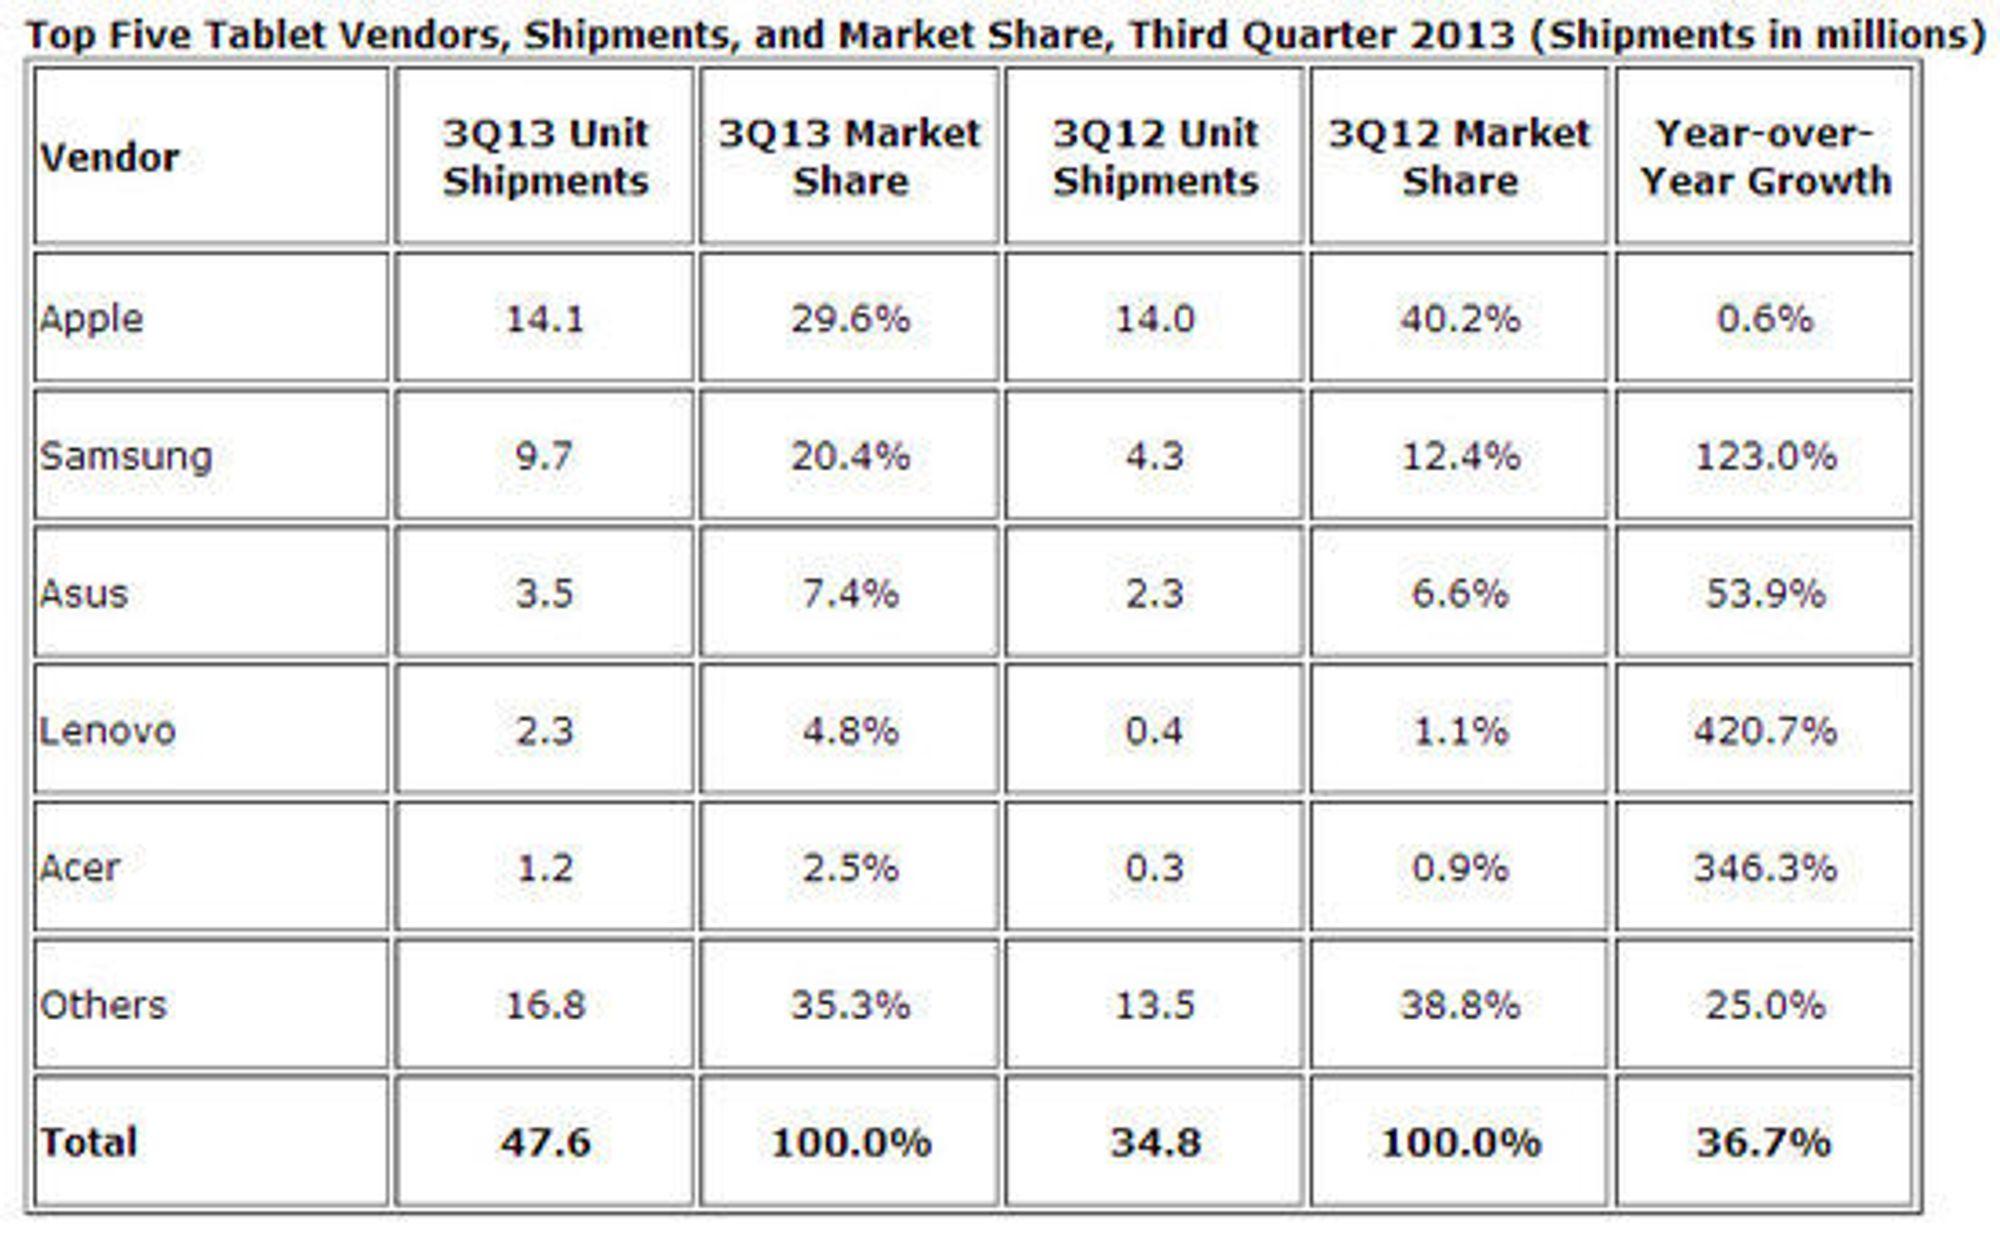 De fem største leverandørene av nettbrett i tredje kvartal av 2013. I løpet av året har Lenovo og Acer passert både Amazon og Microsoft.